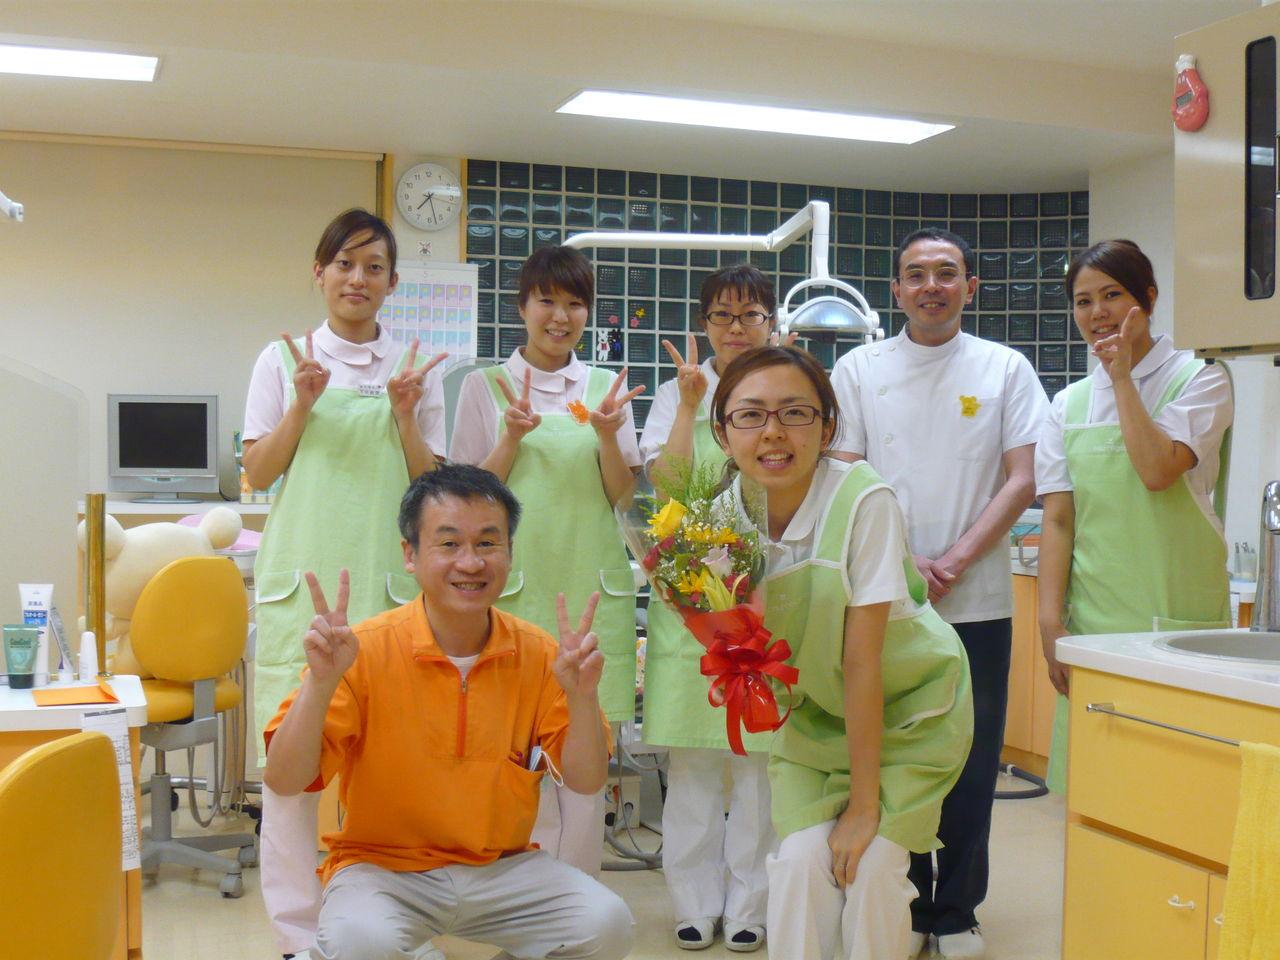 大田区蒲田歯医者小児歯科矯正歯科小児矯正虫歯予防